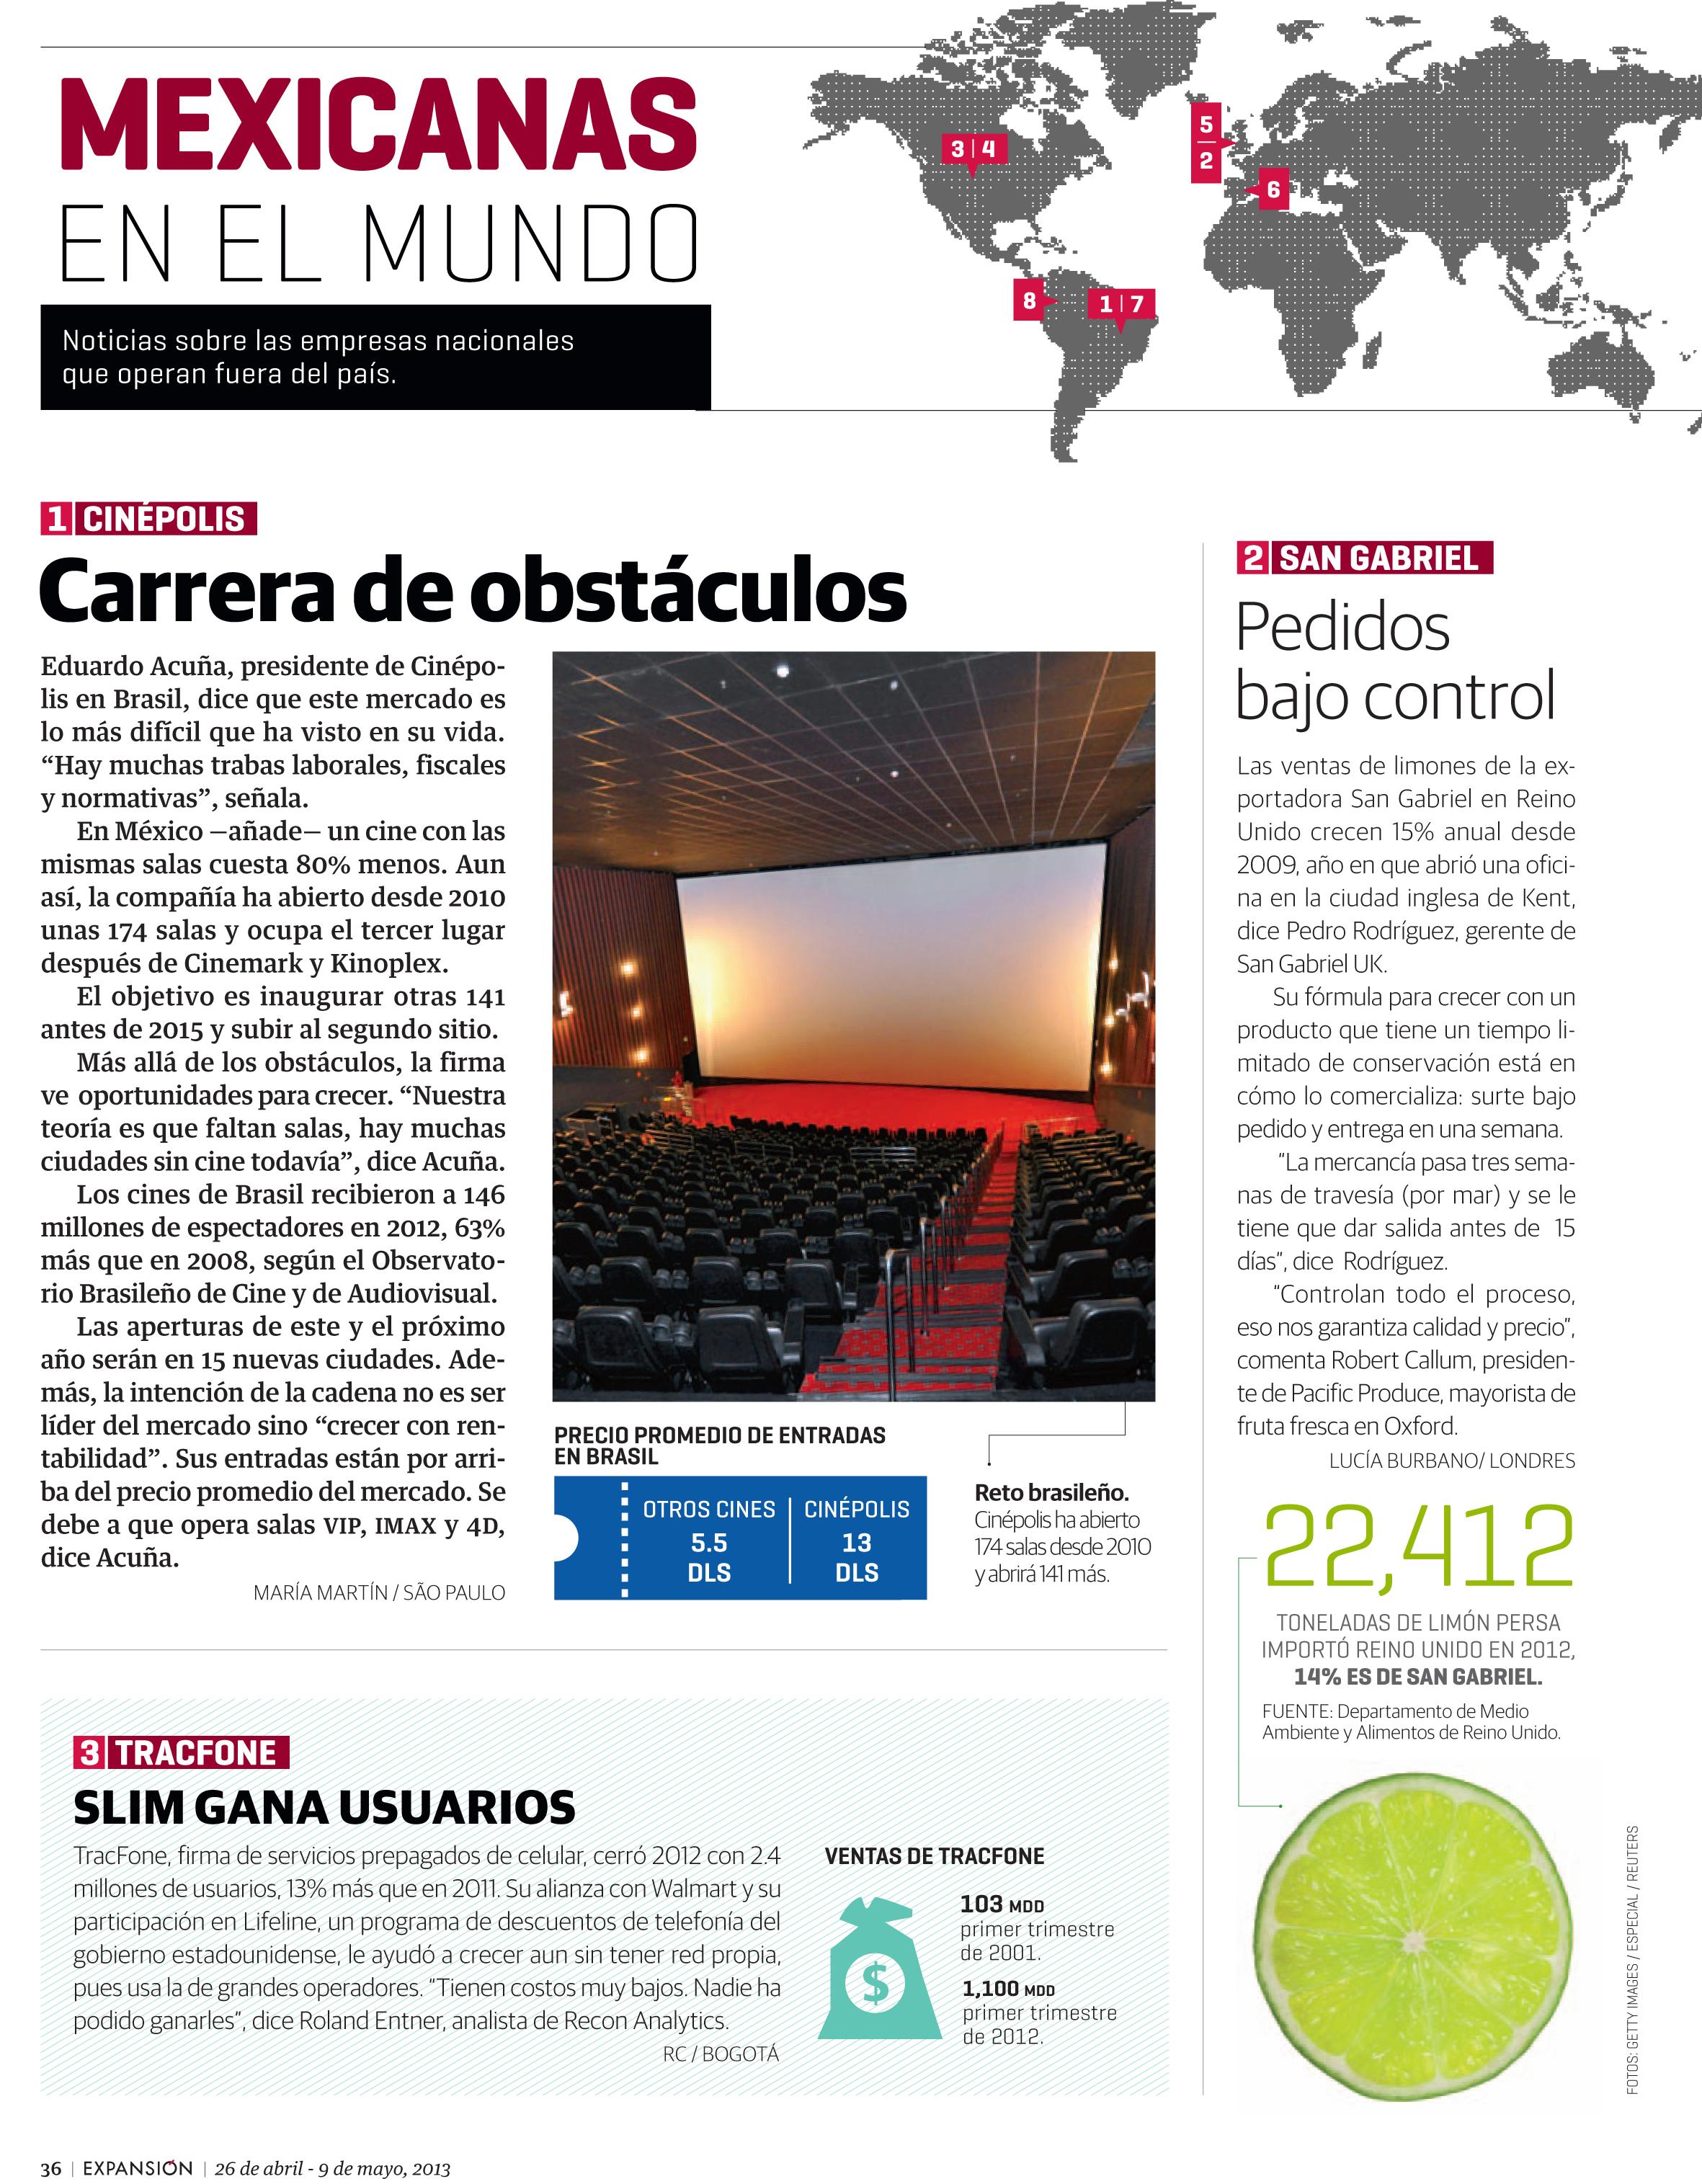 mexicanas1114. Revista Expansión